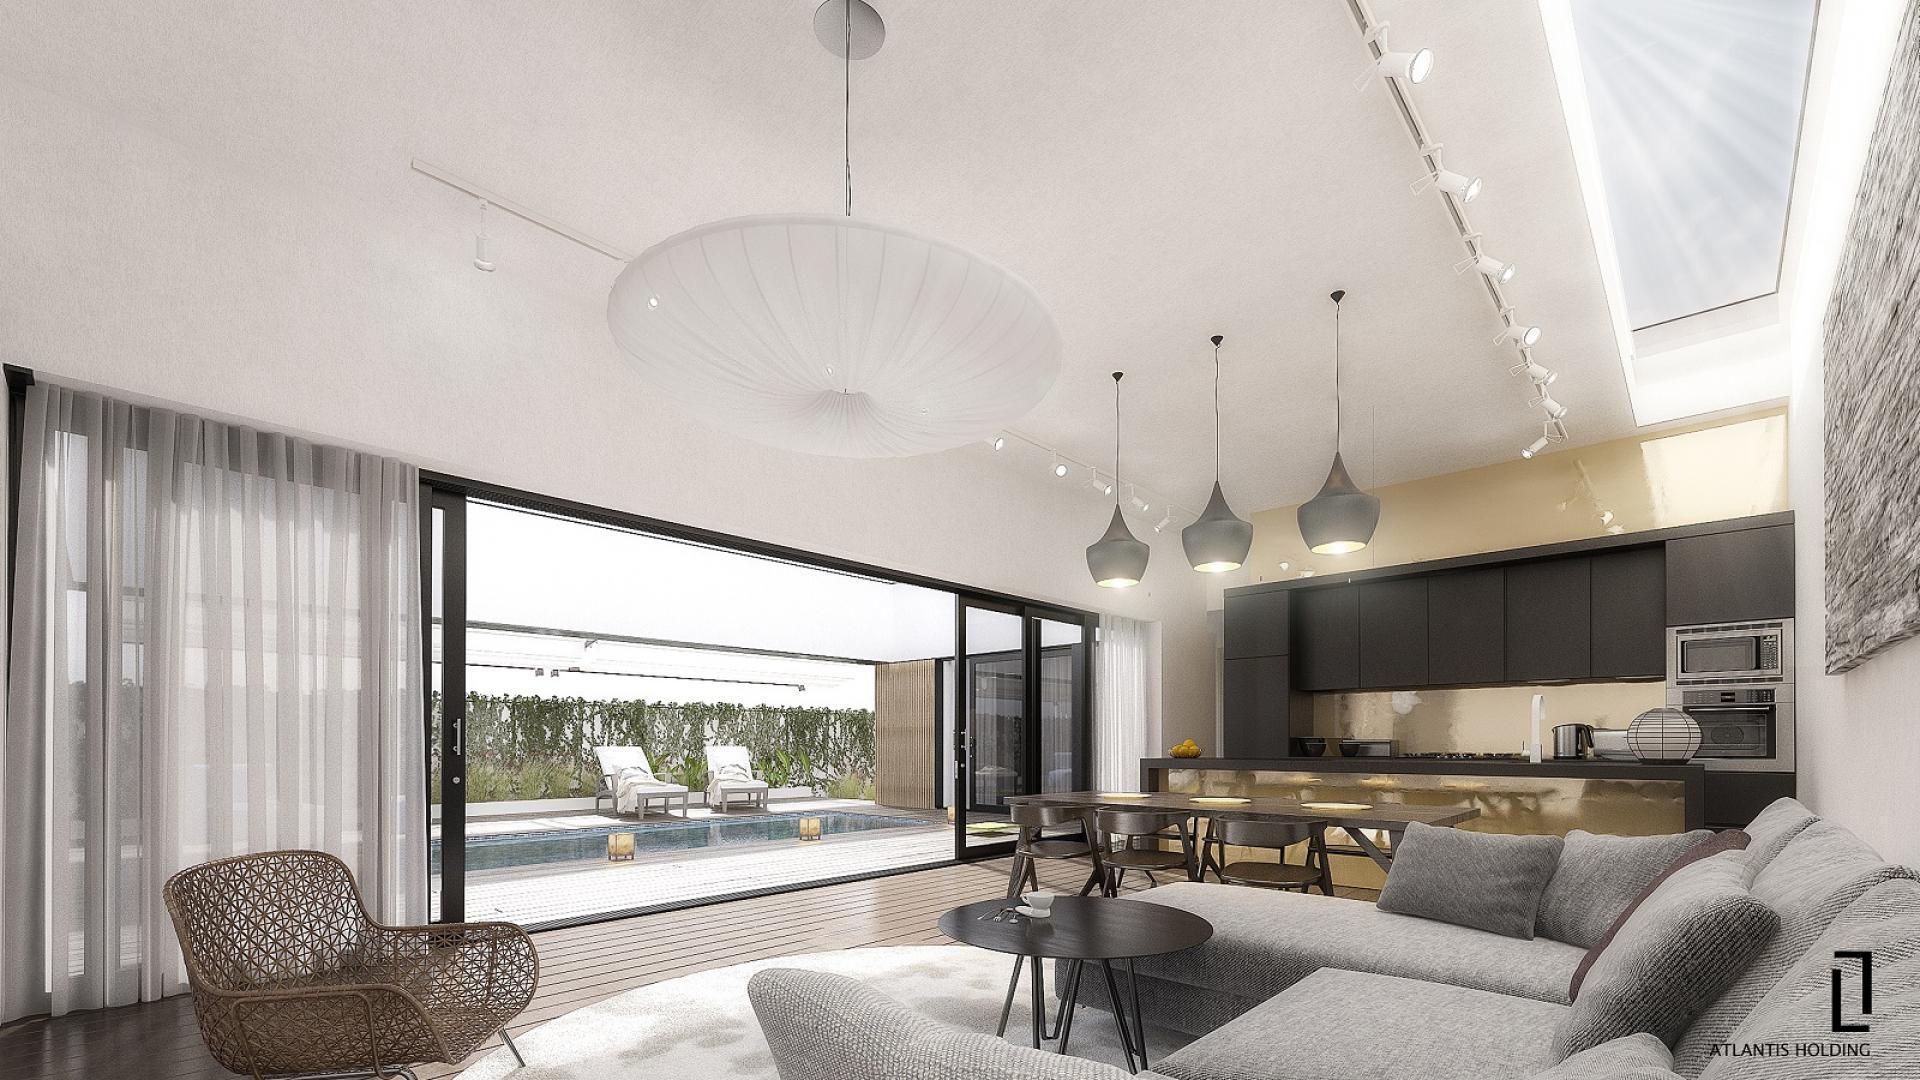 вътрешен поглед на хол / трапезария с изглед към вътрешен частен двор с басейн